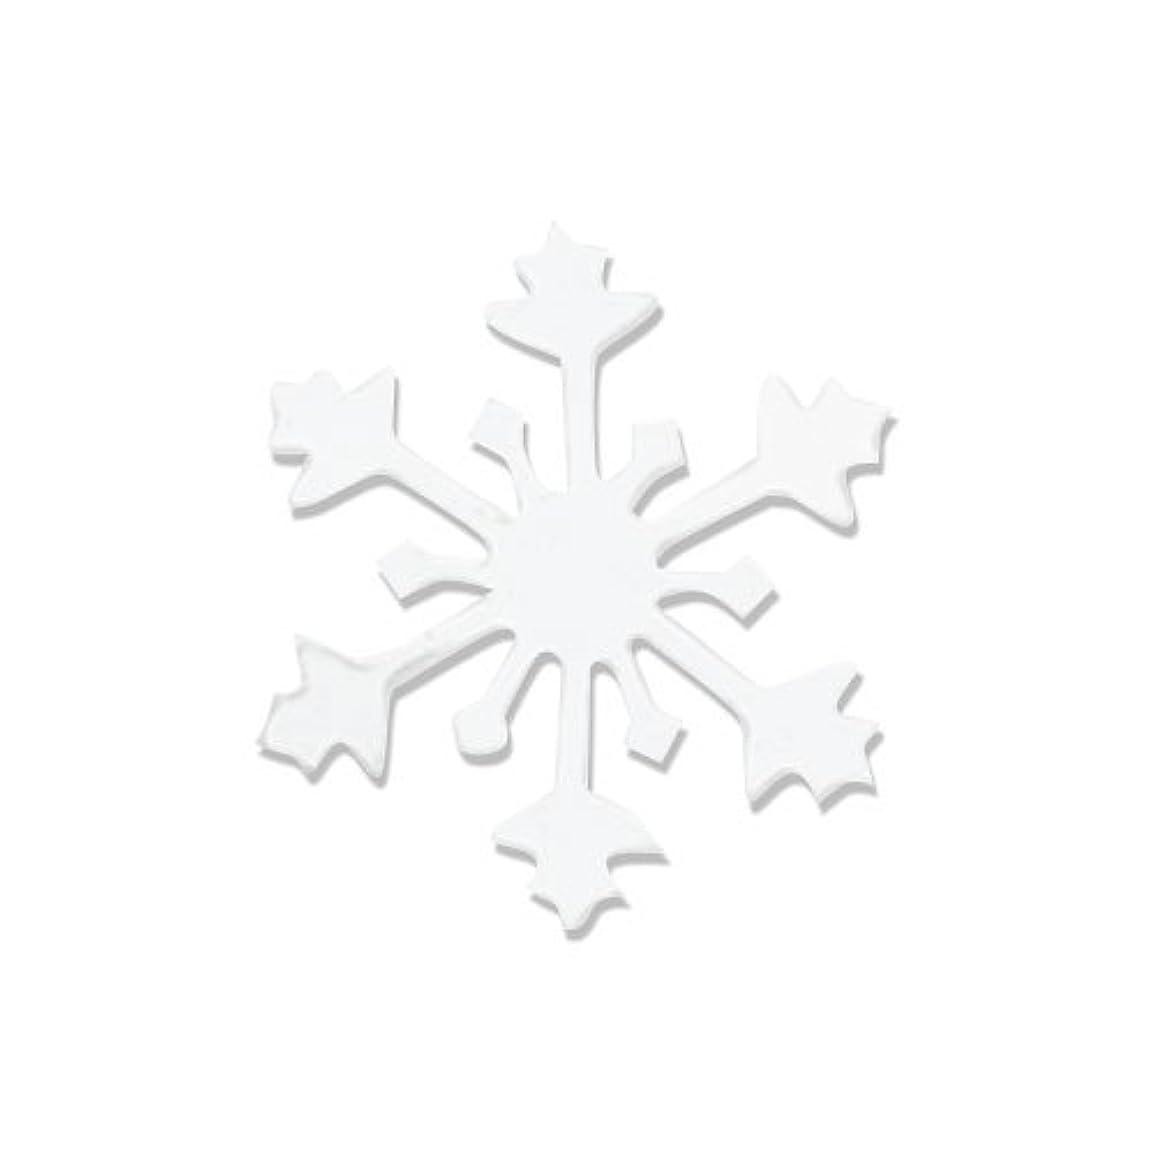 攻撃的優遇キッチンリトルプリティー ネイルアートパーツ スノークリスタル S ホワイト 10個